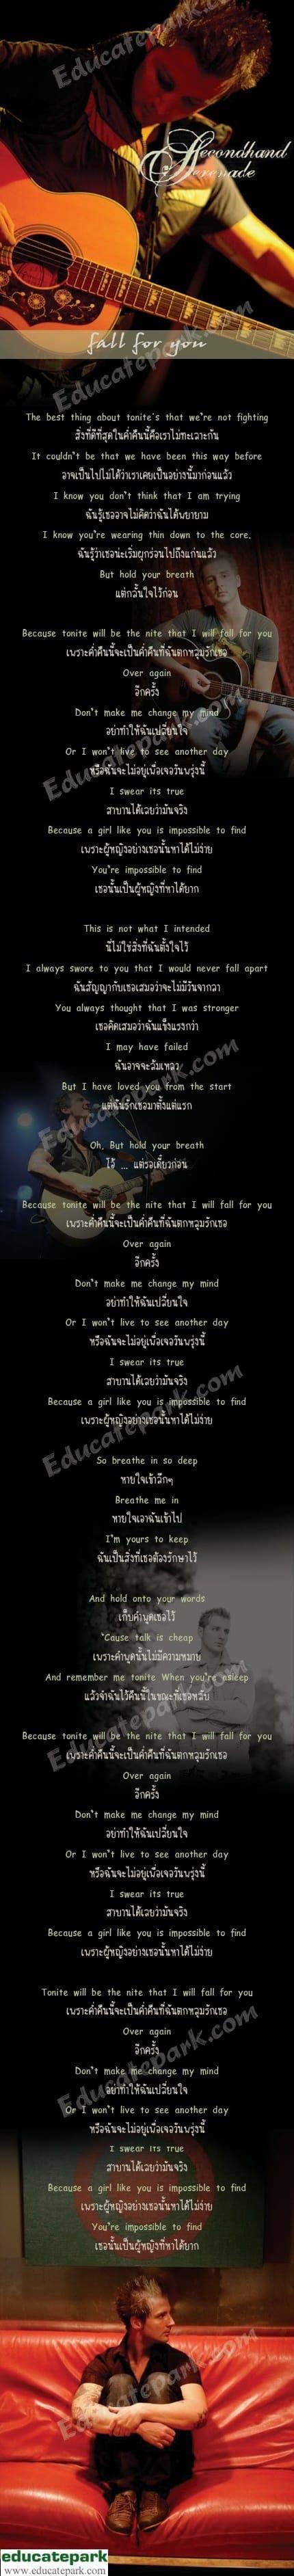 แปลเพลง Fall For You - SECONDHAND SERENADE